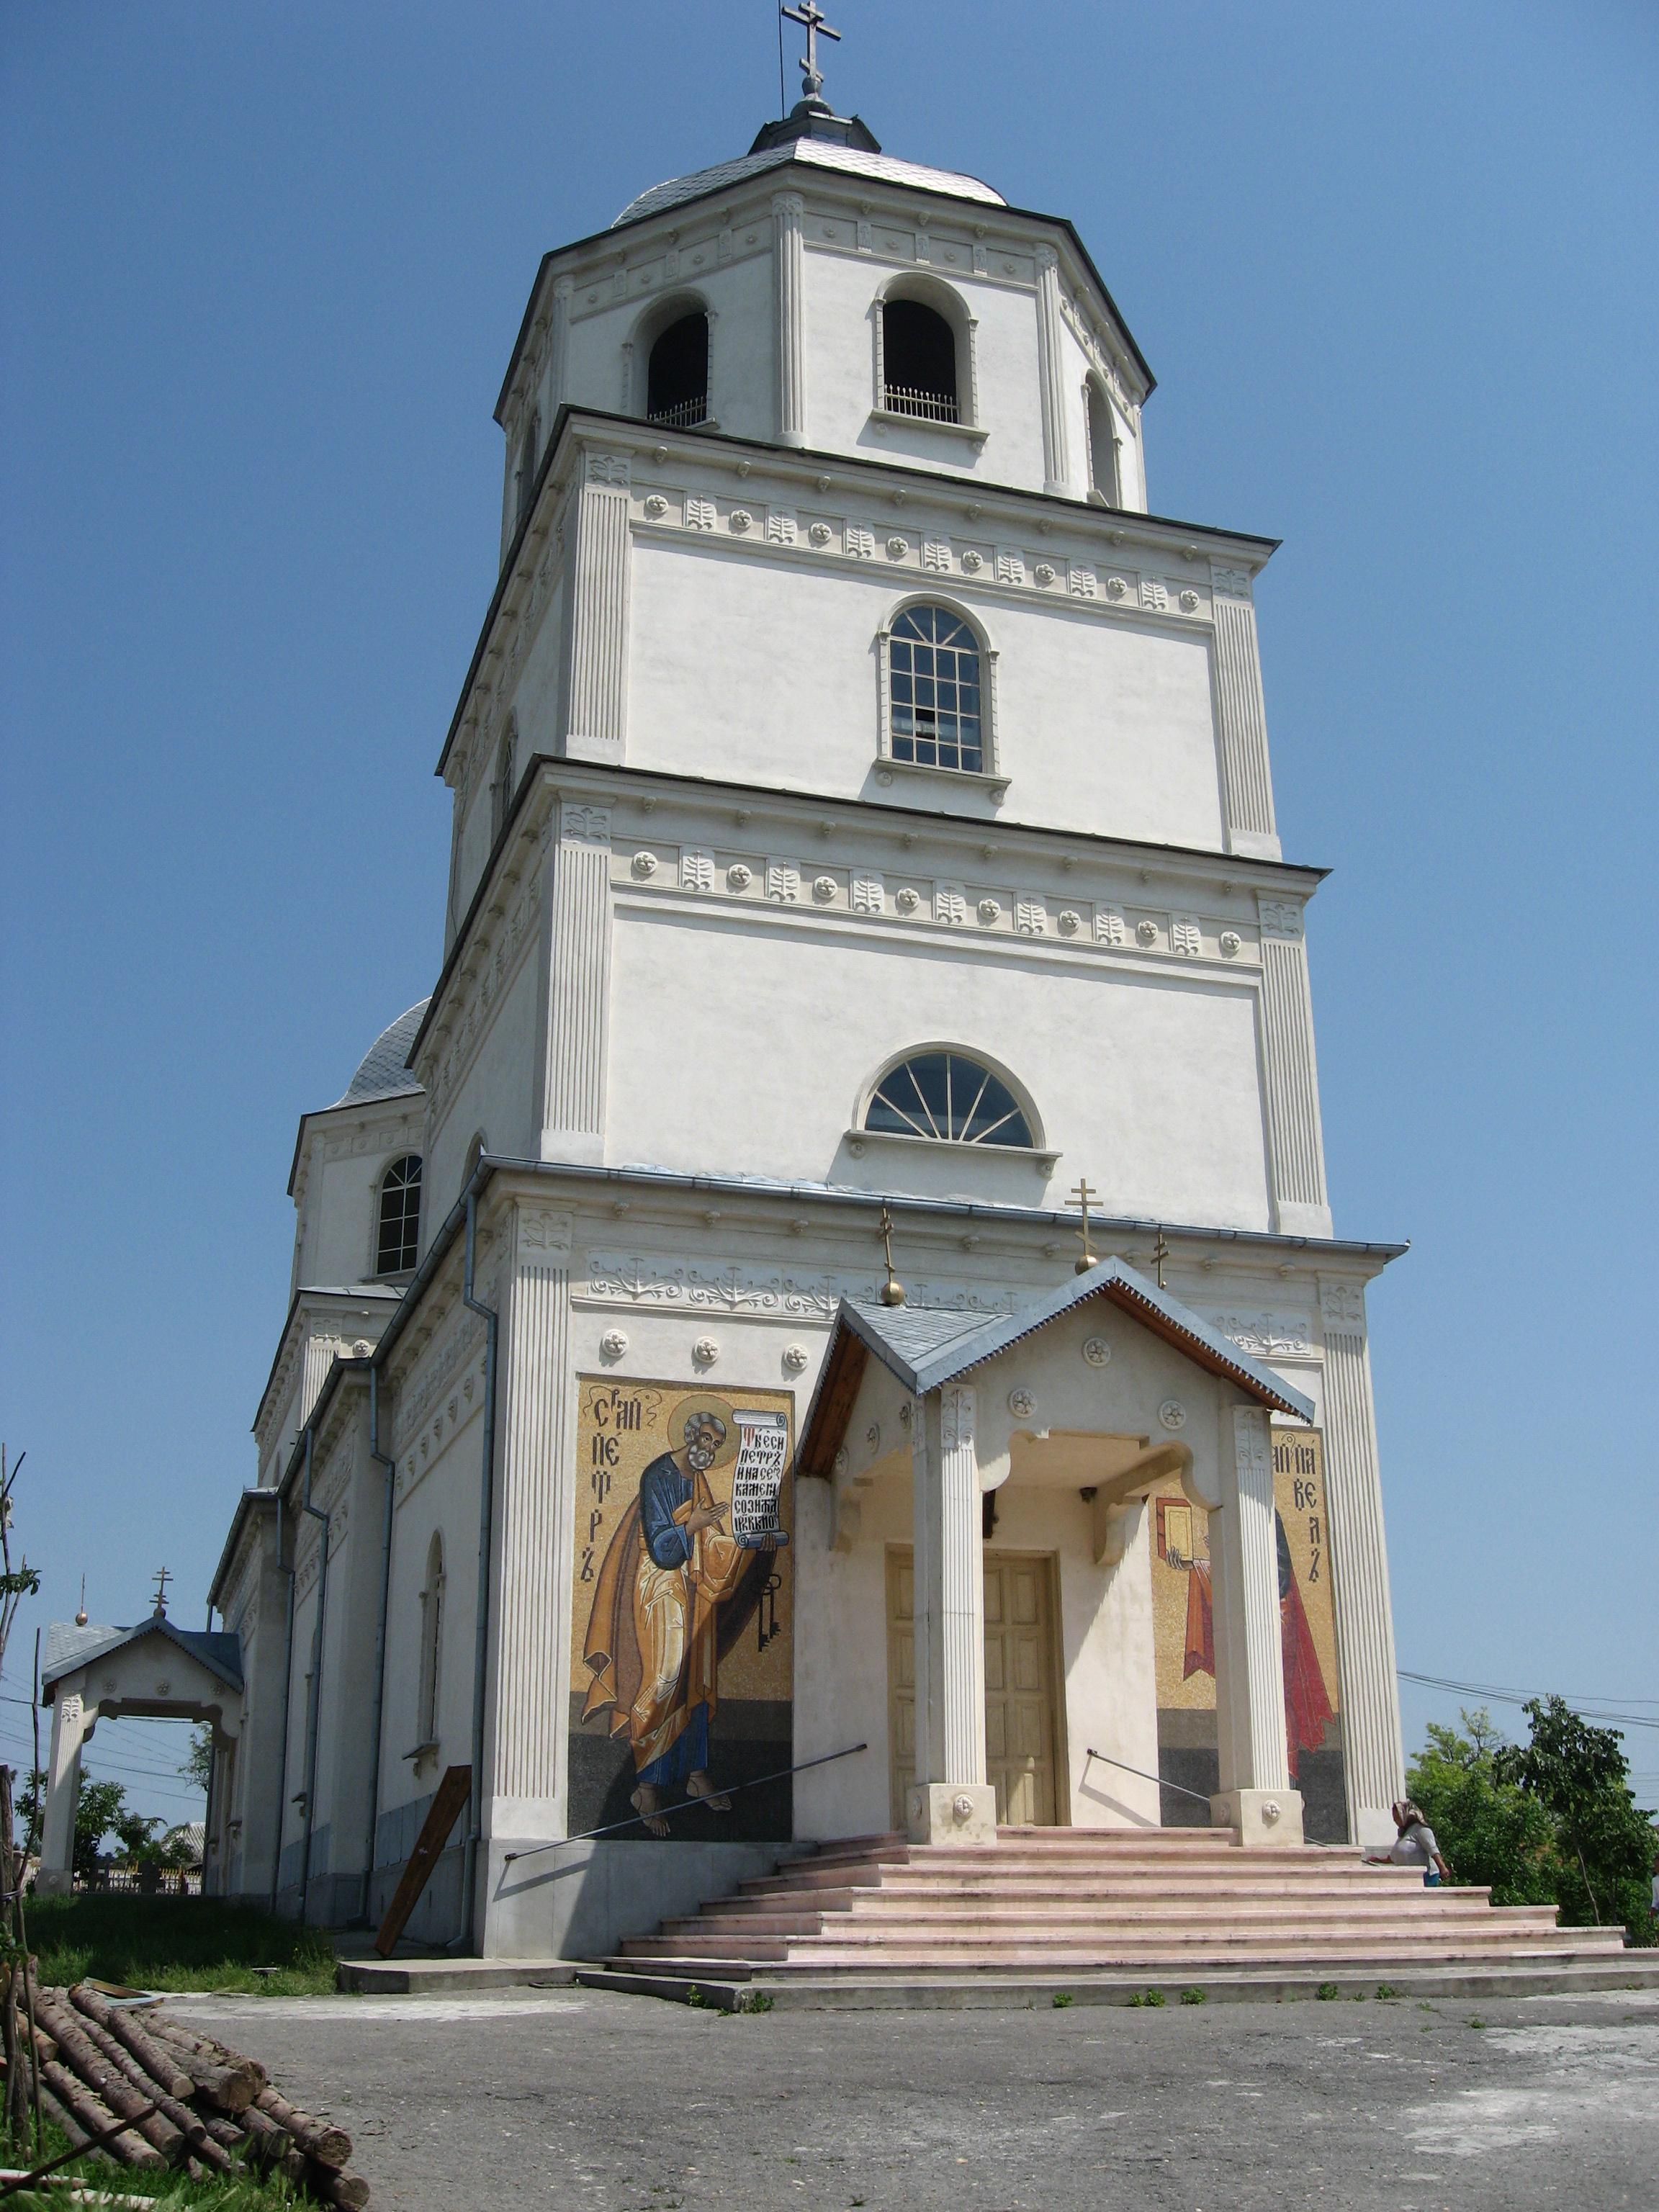 Biserica lipovenească din comuna Carcaliu, localitatea în care s-a născut Terente (foto din anul 2008).